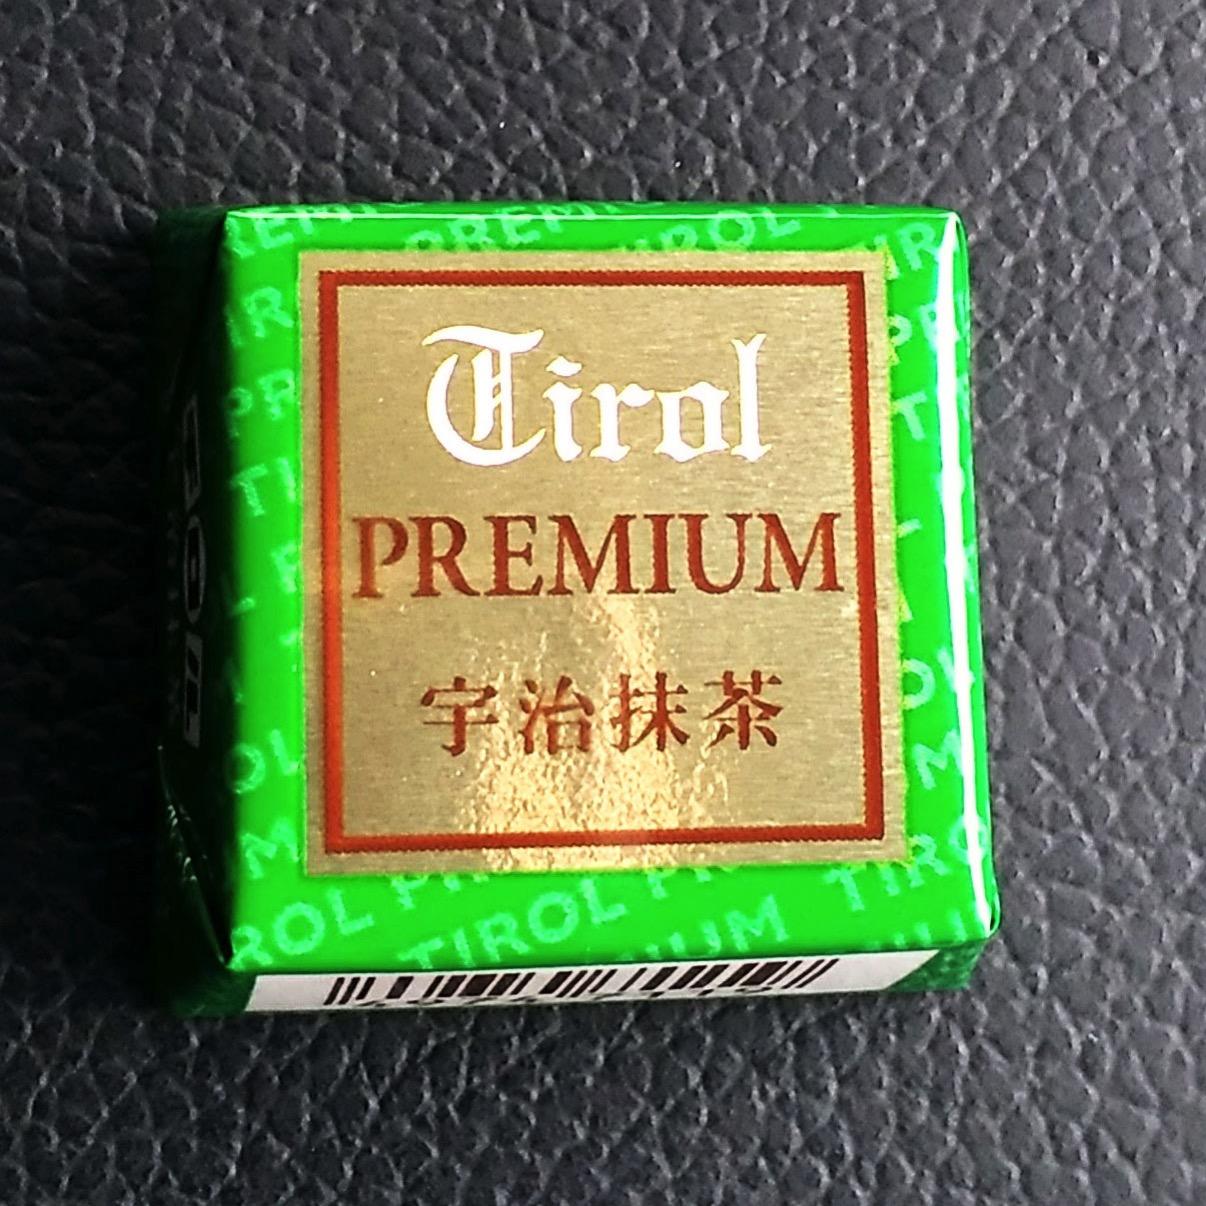 プレミアムチロル・宇治抹茶